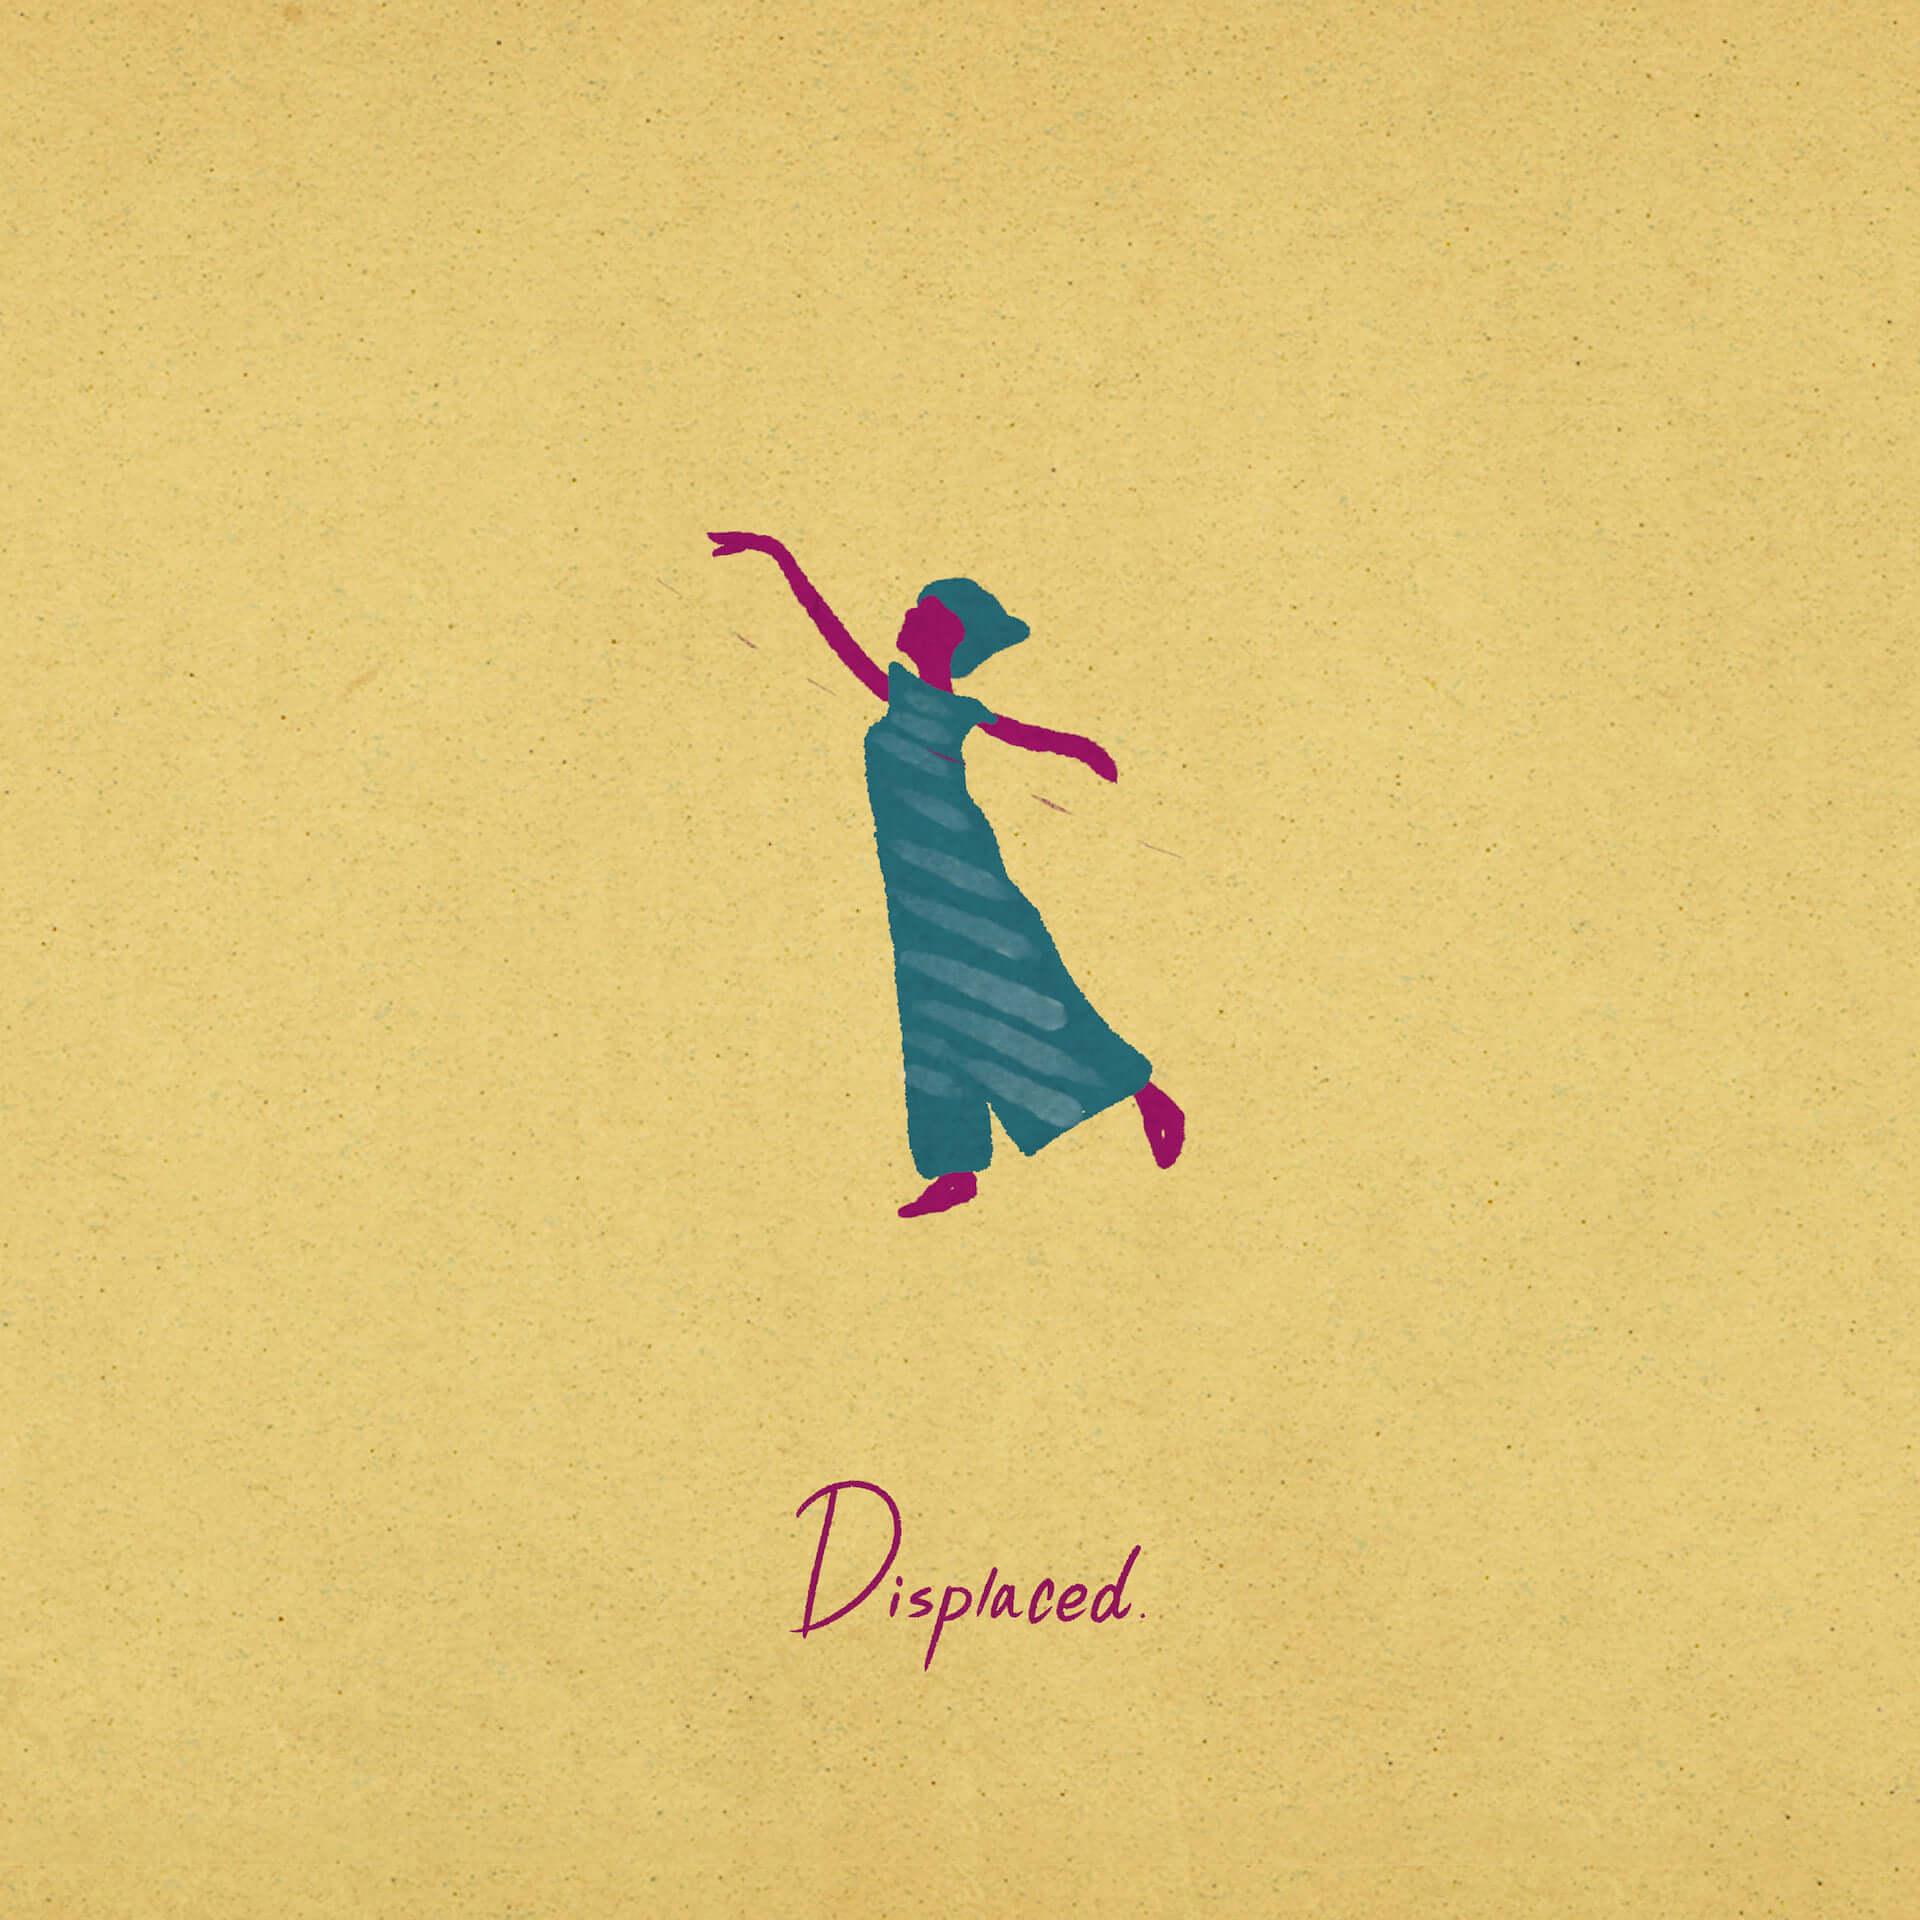 """illmoreがシンガポールのSSW、Joie Tanを迎えた新曲""""Displaced""""をリリース!リリックビデオも公開 music201106_illmore_1-1920x1920"""